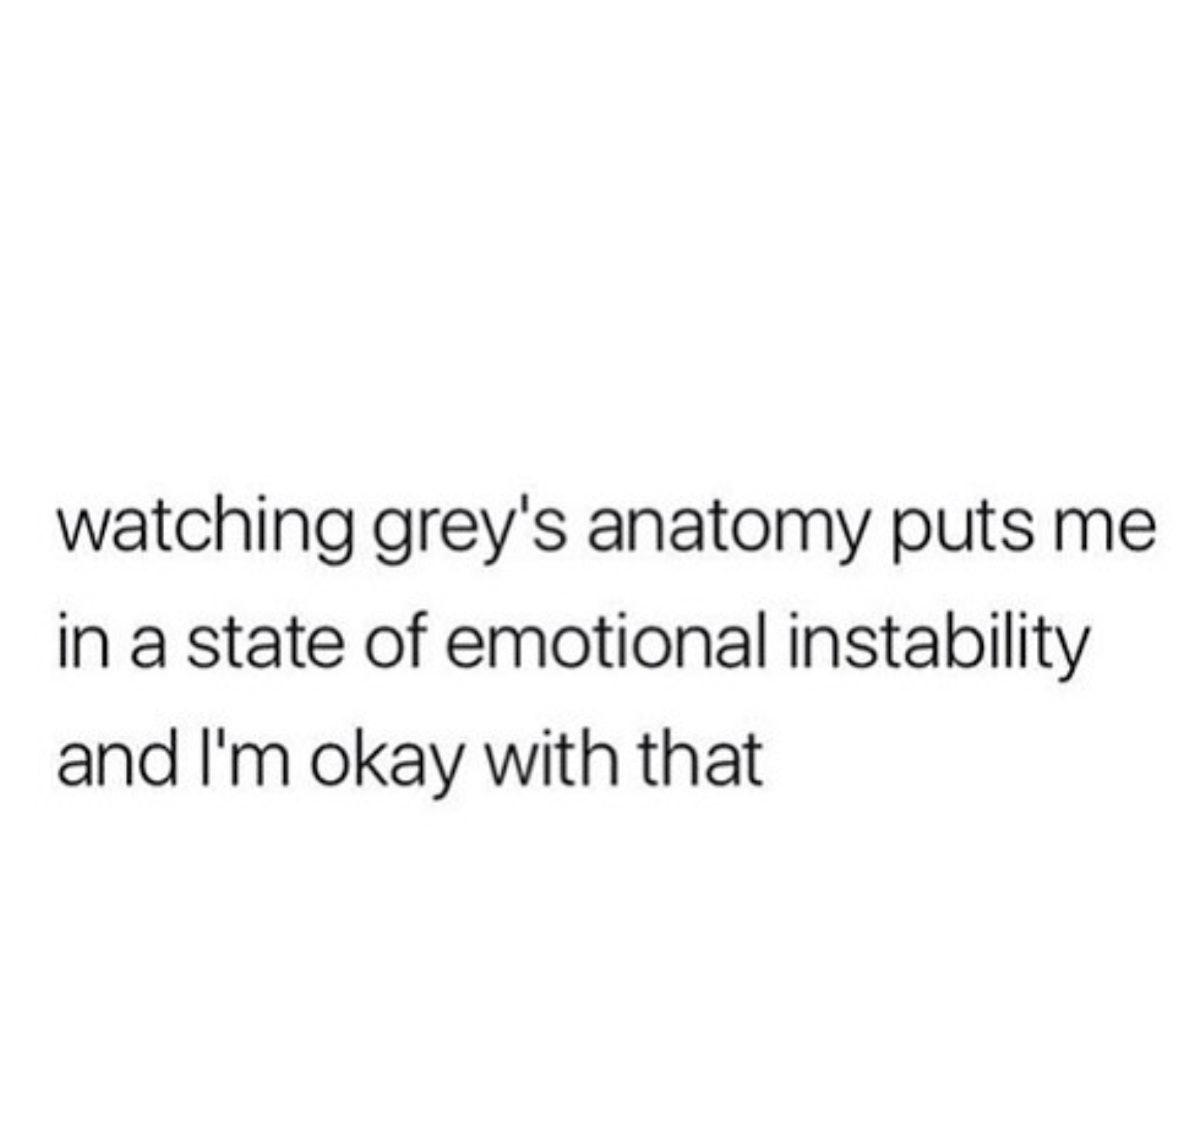 'Grey's Anatomy' meme